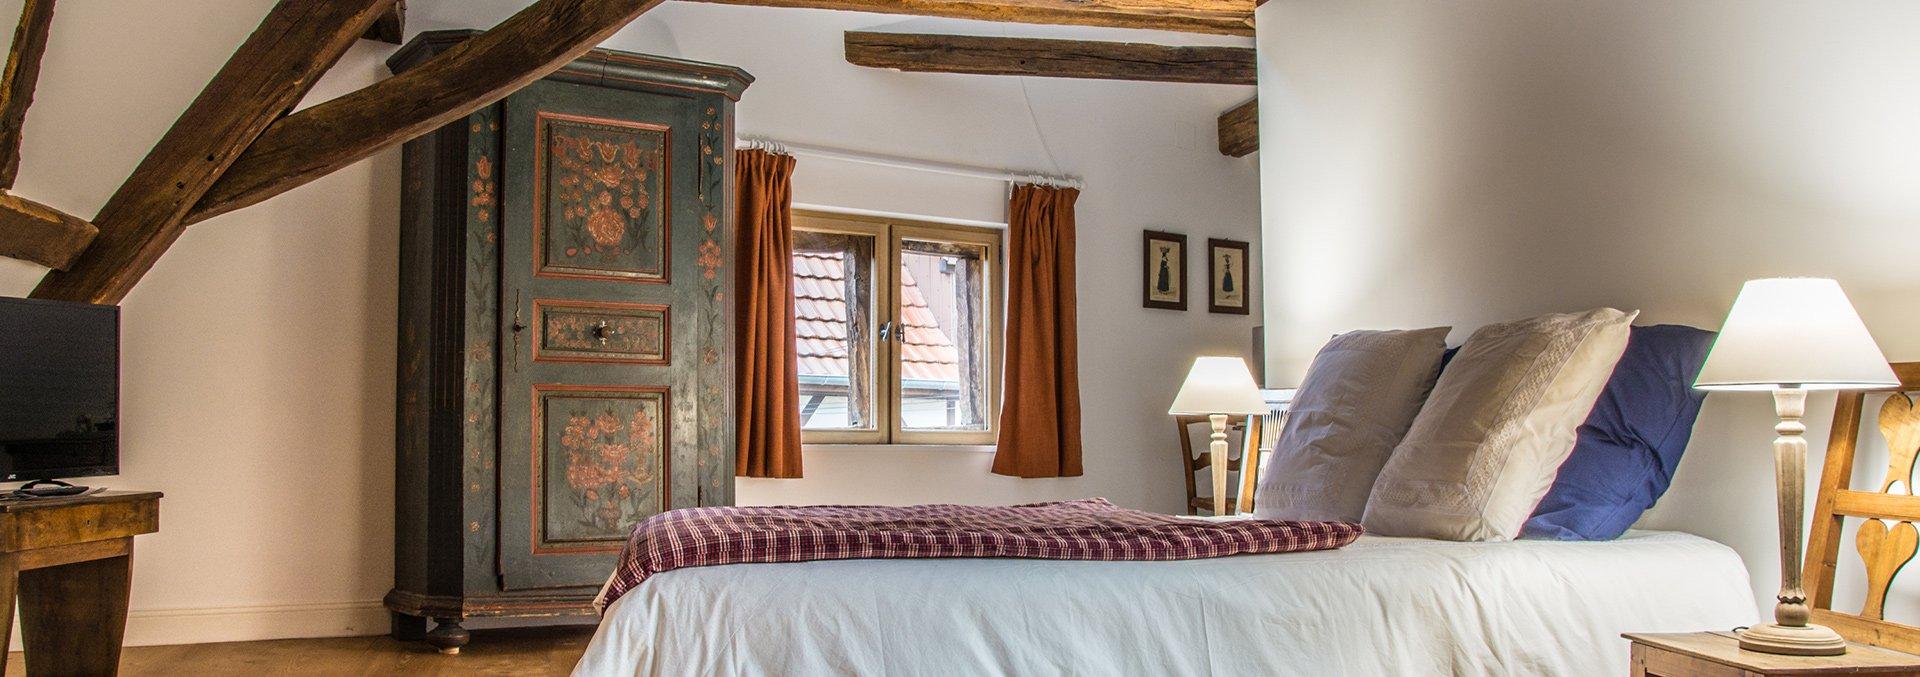 Chambres d 39 h tes de charme en alsace 20min de strasbourg - Chambre d hote eguisheim alsace ...